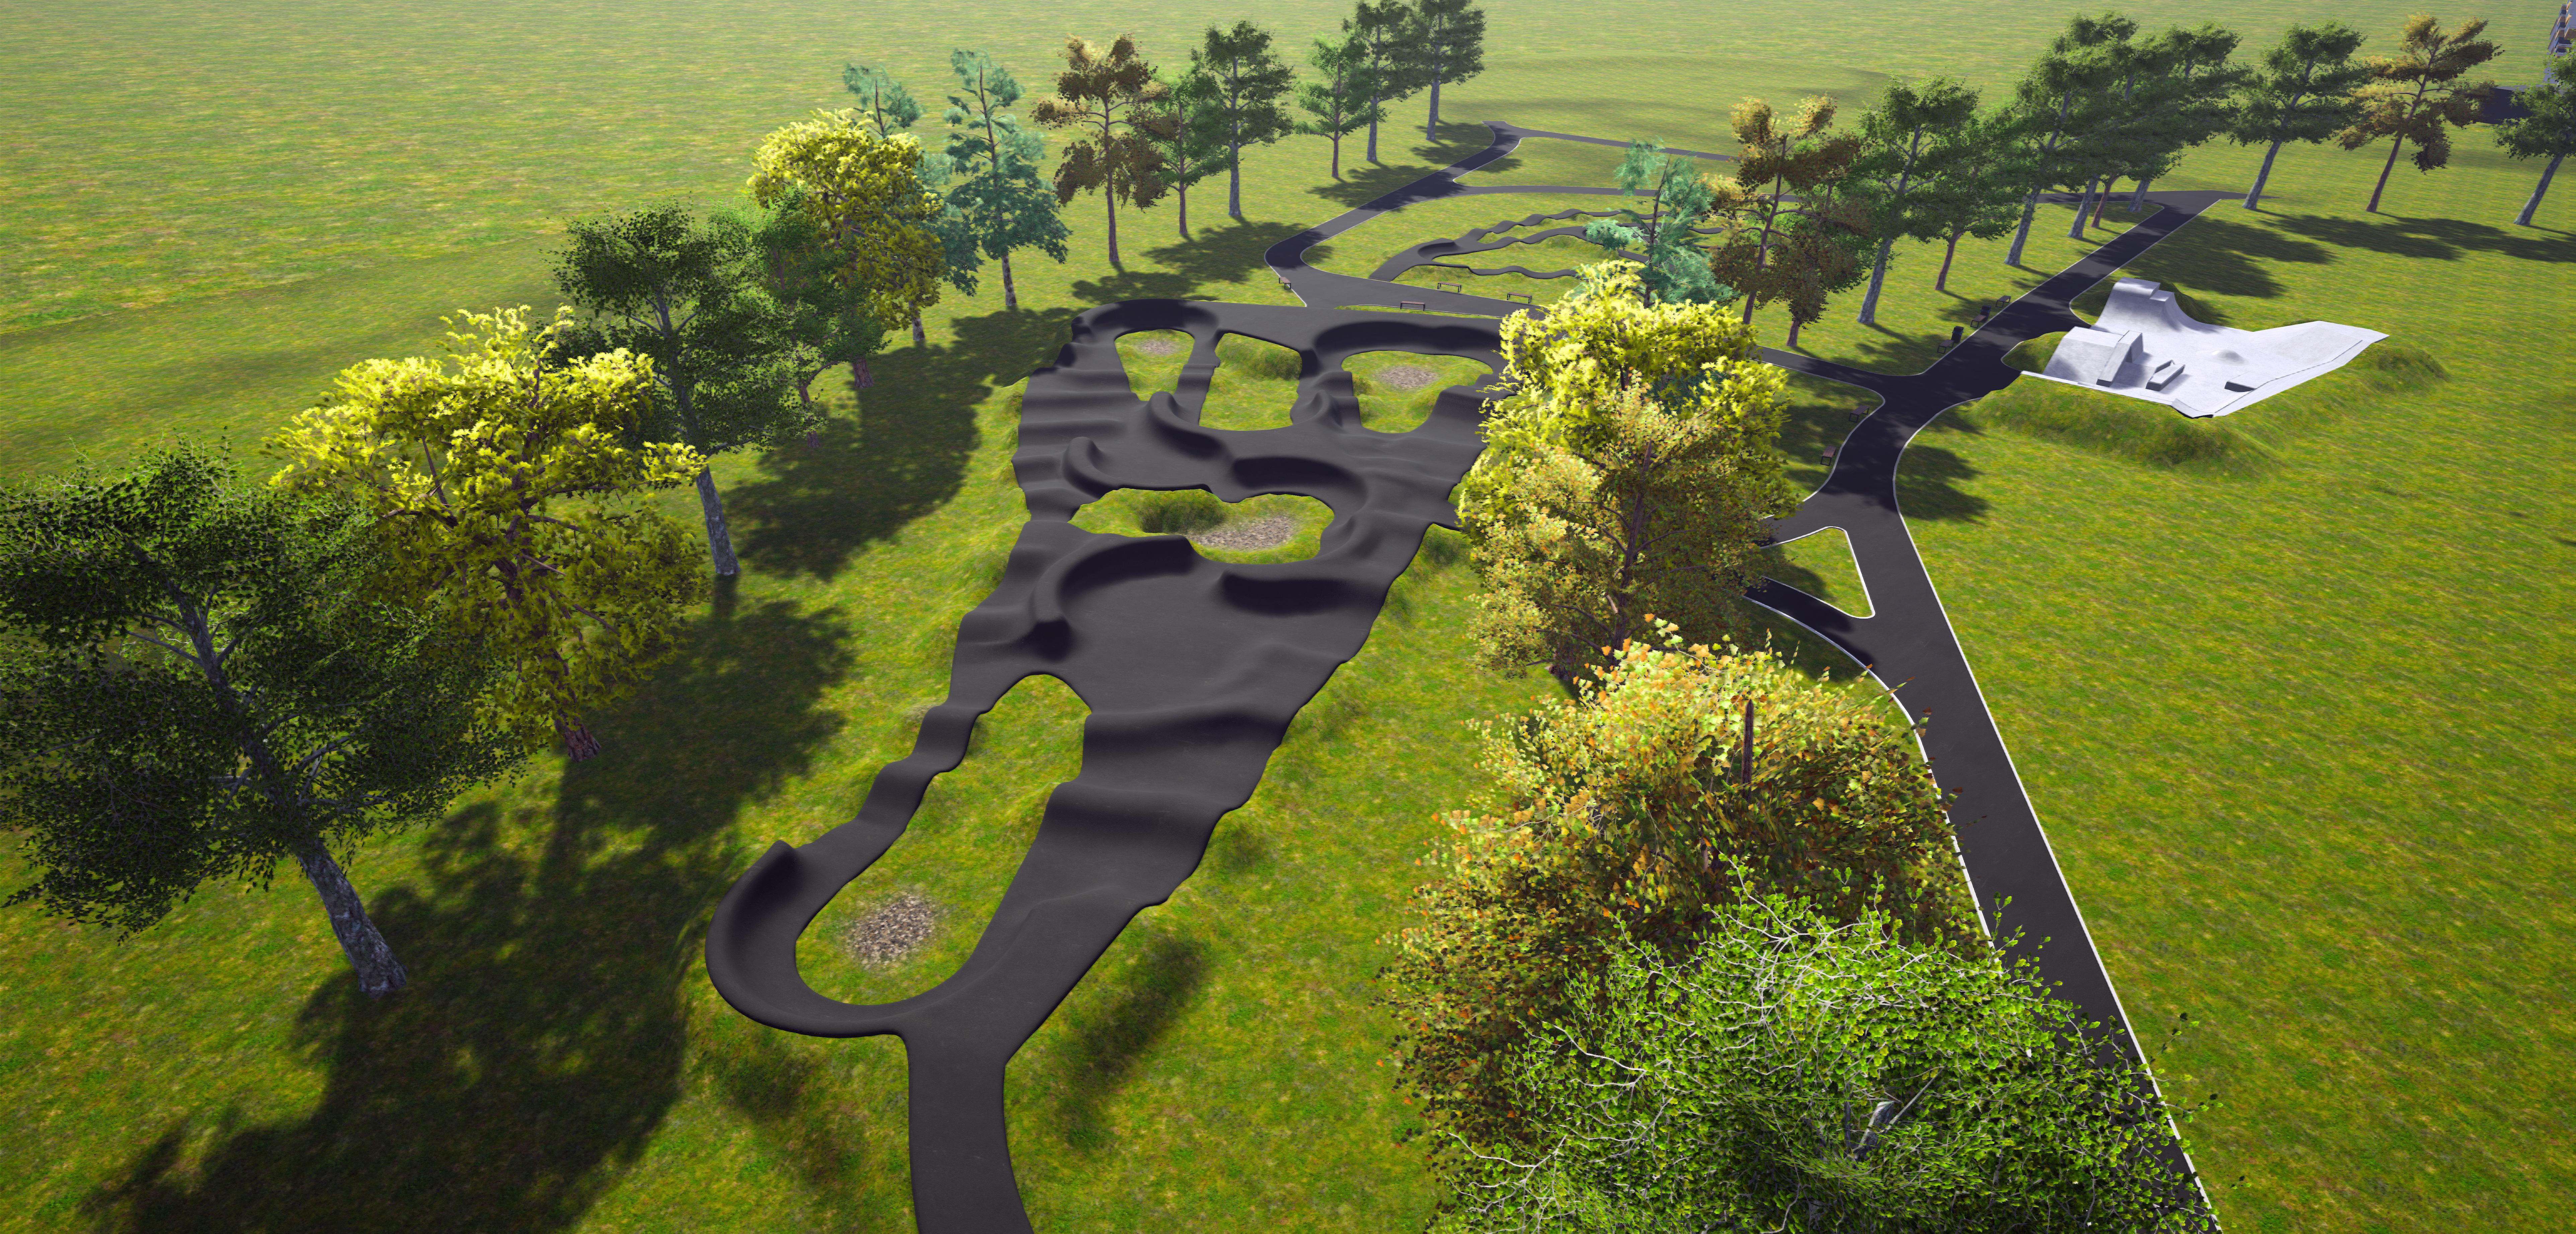 Na grafice znajduje się wizualizacja planowanego skateparku oraz dwóch torów pumptrack w Rokietnicy. Na wizualizacji widoczne jest również zagospodarowanie terenu - rosnące drzewa oraz ścieżki prowadzące do poszczególnych torów.